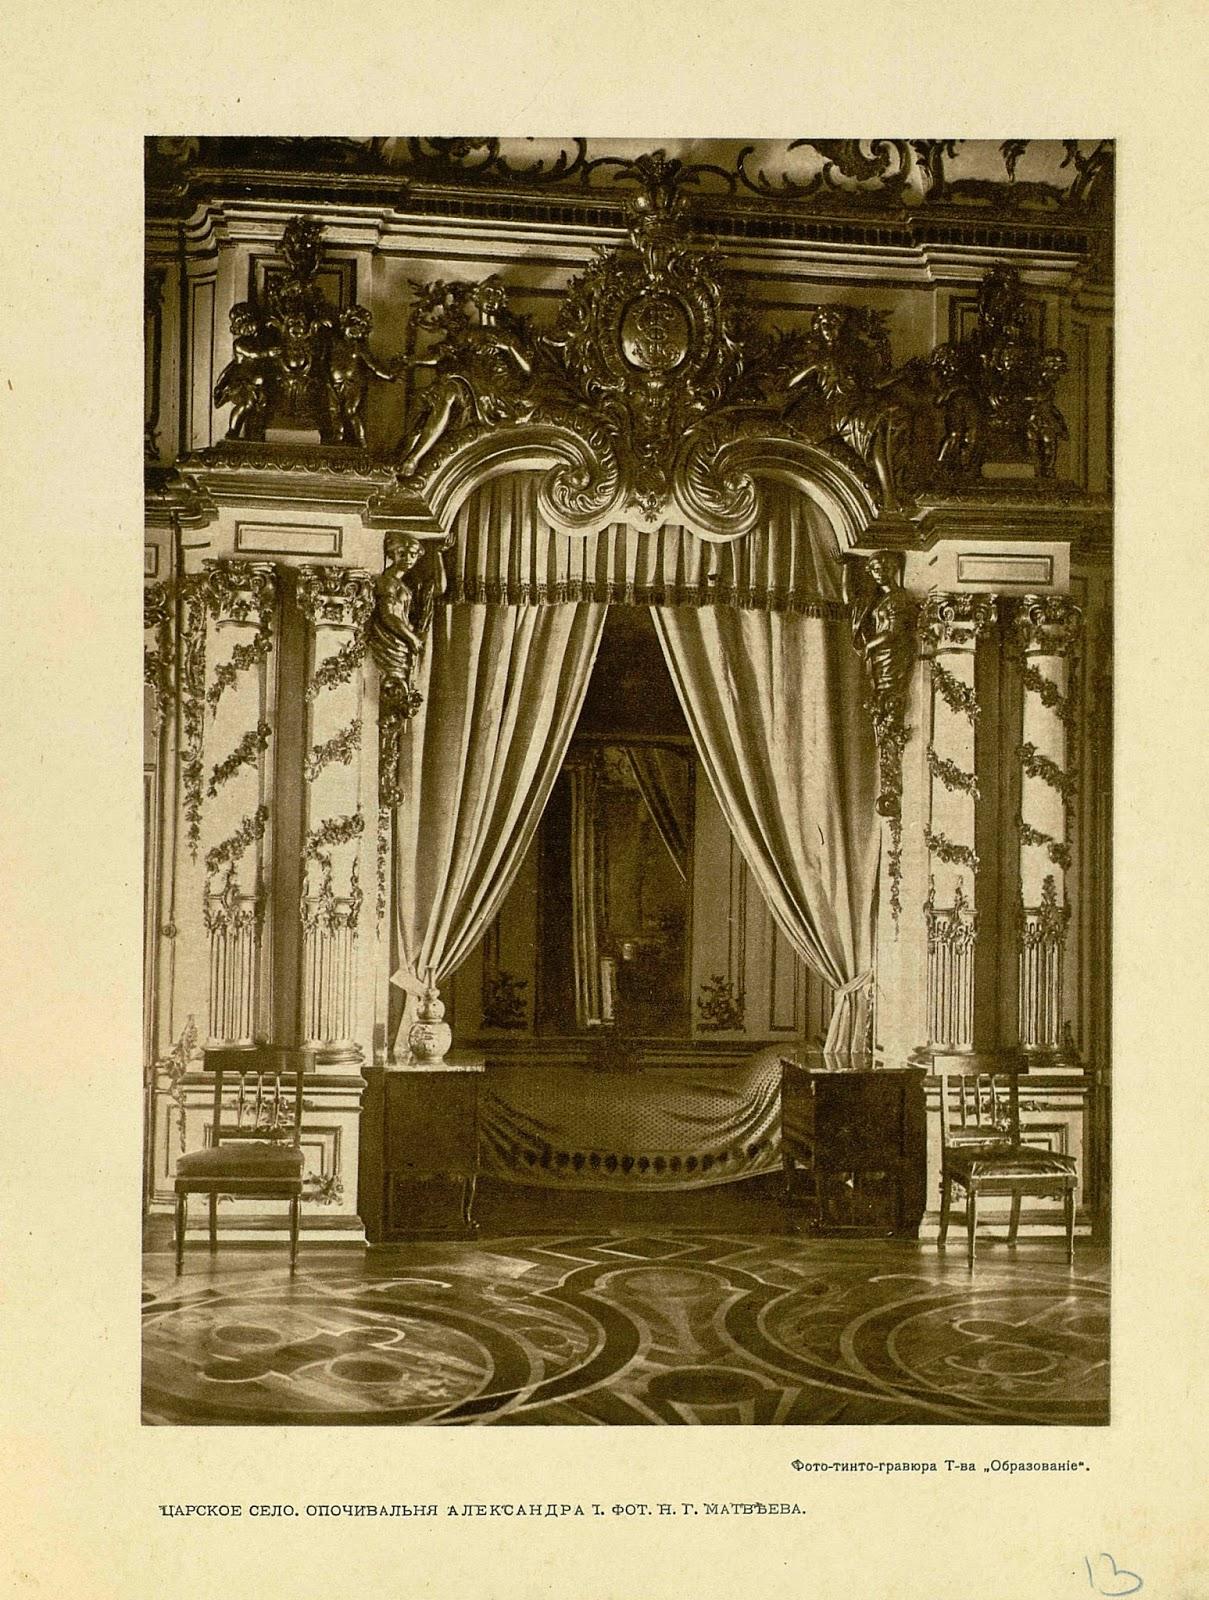 Усыпальница сенатора на манасеина на казанском кладбище в пушкине (царском селе) сохранилась